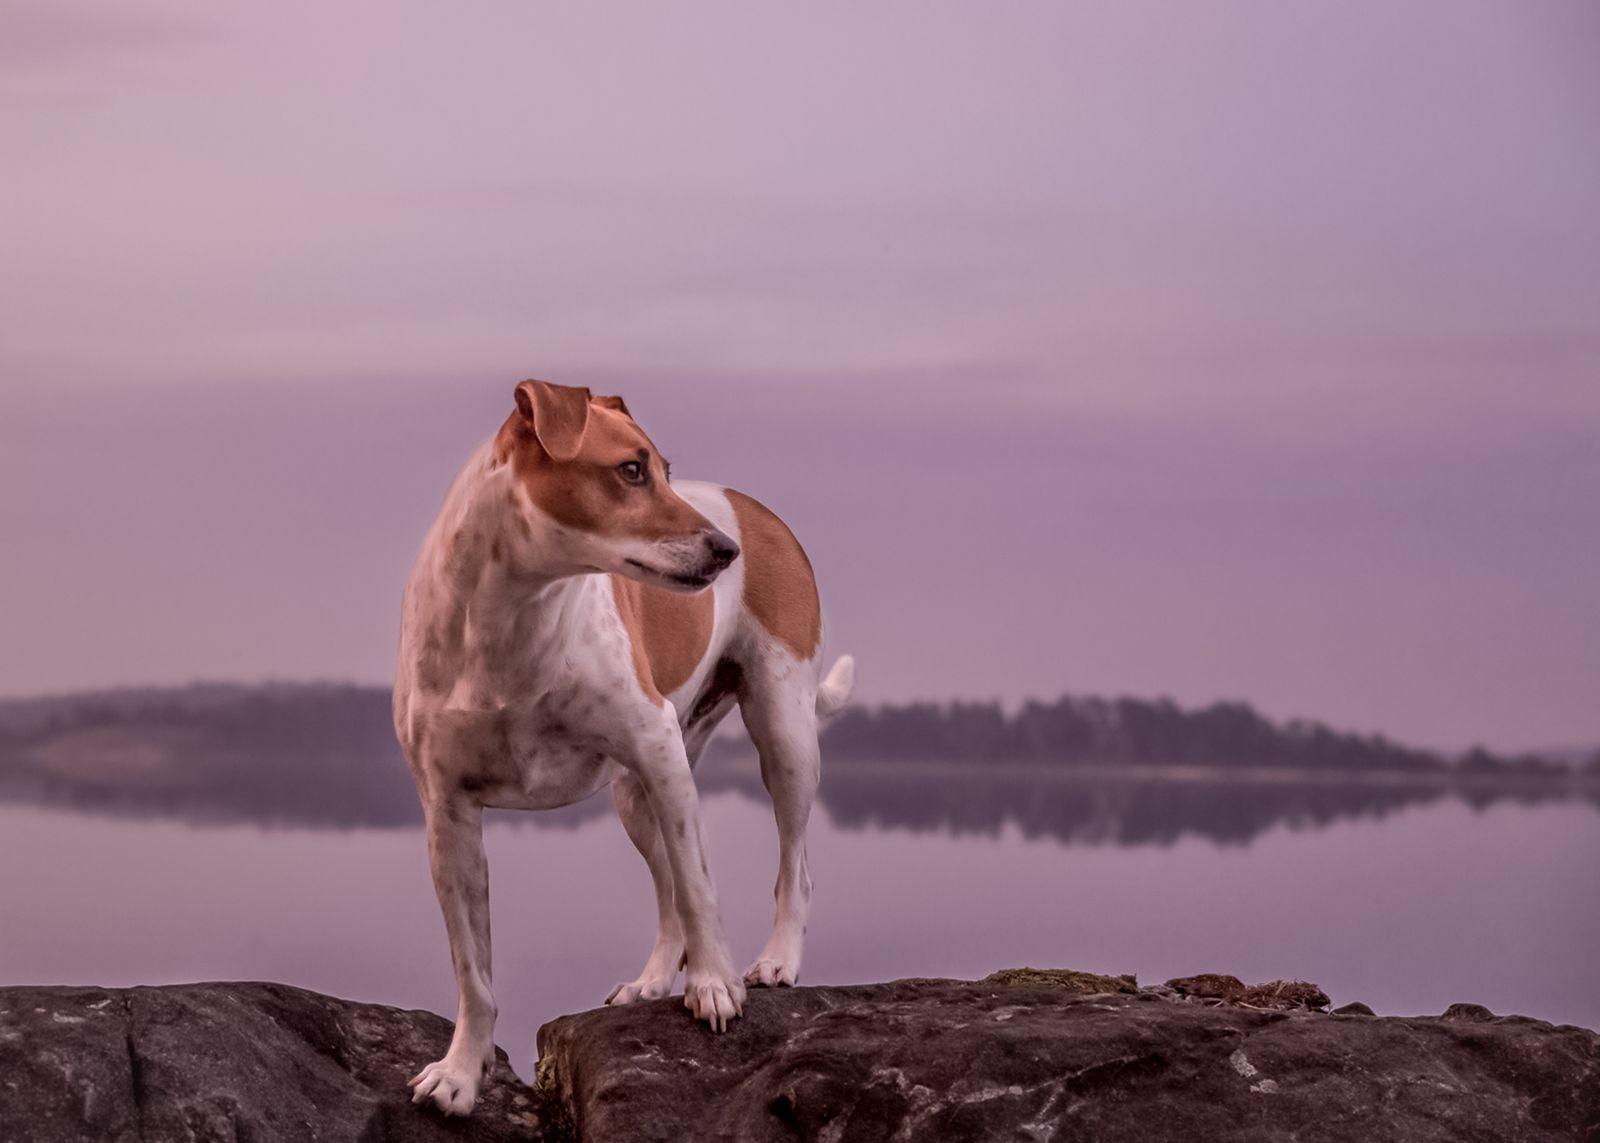 """""""Hunden heter Kimbo och är min sons hund. Bilden är tagen en underbar kväll ute på vårt sommarställe, Lilla Rätö"""", hälsar Veronica Forsberg."""